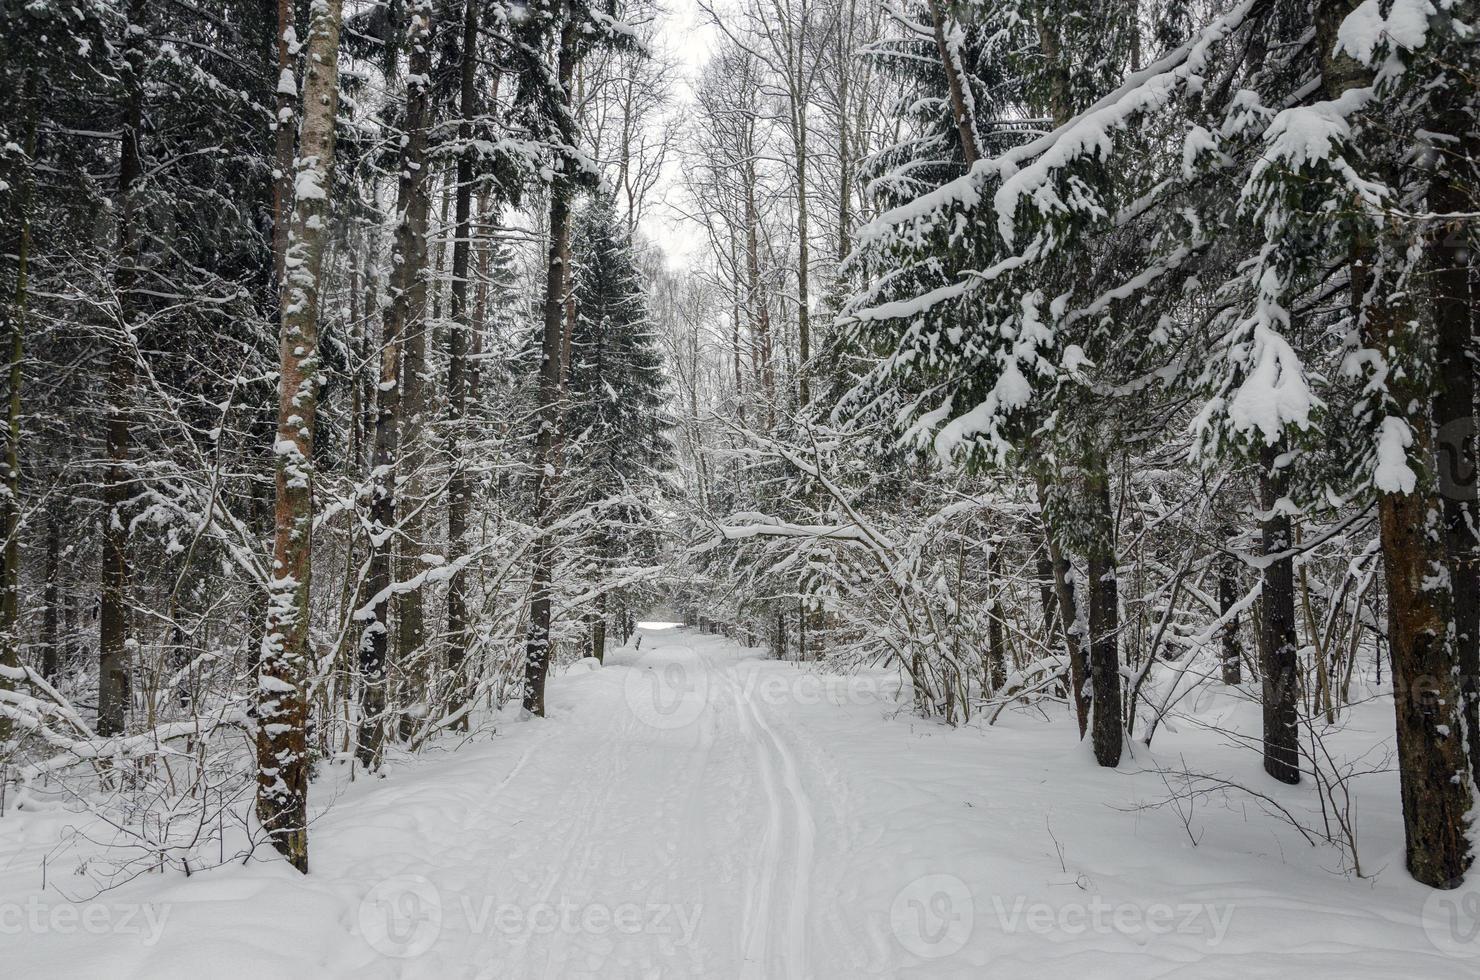 camino en bosque de invierno foto